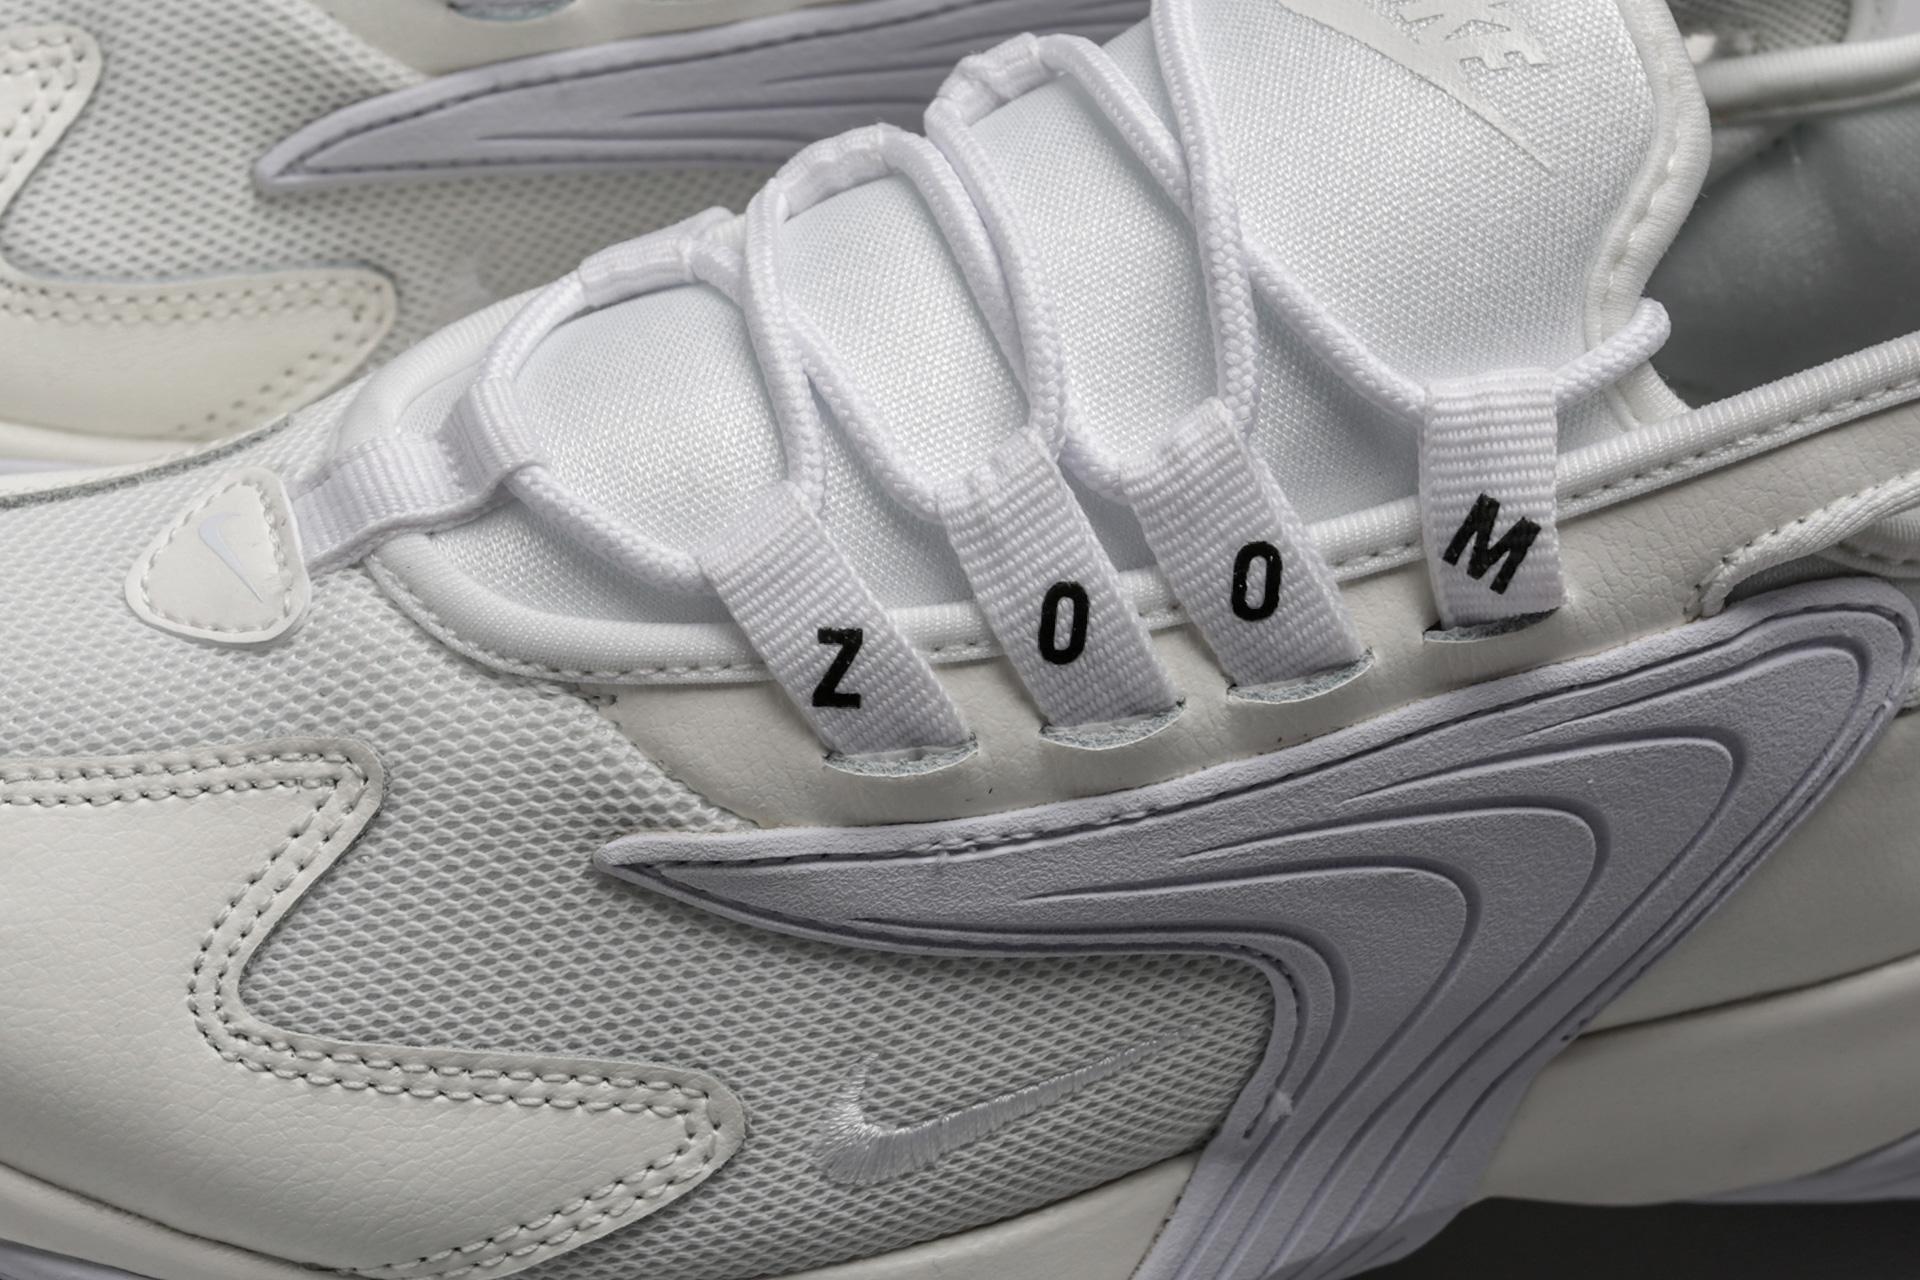 8d2b3764 Купить белые женские кроссовки WMNS Zoom 2K от Nike (AO0354-101) по ...